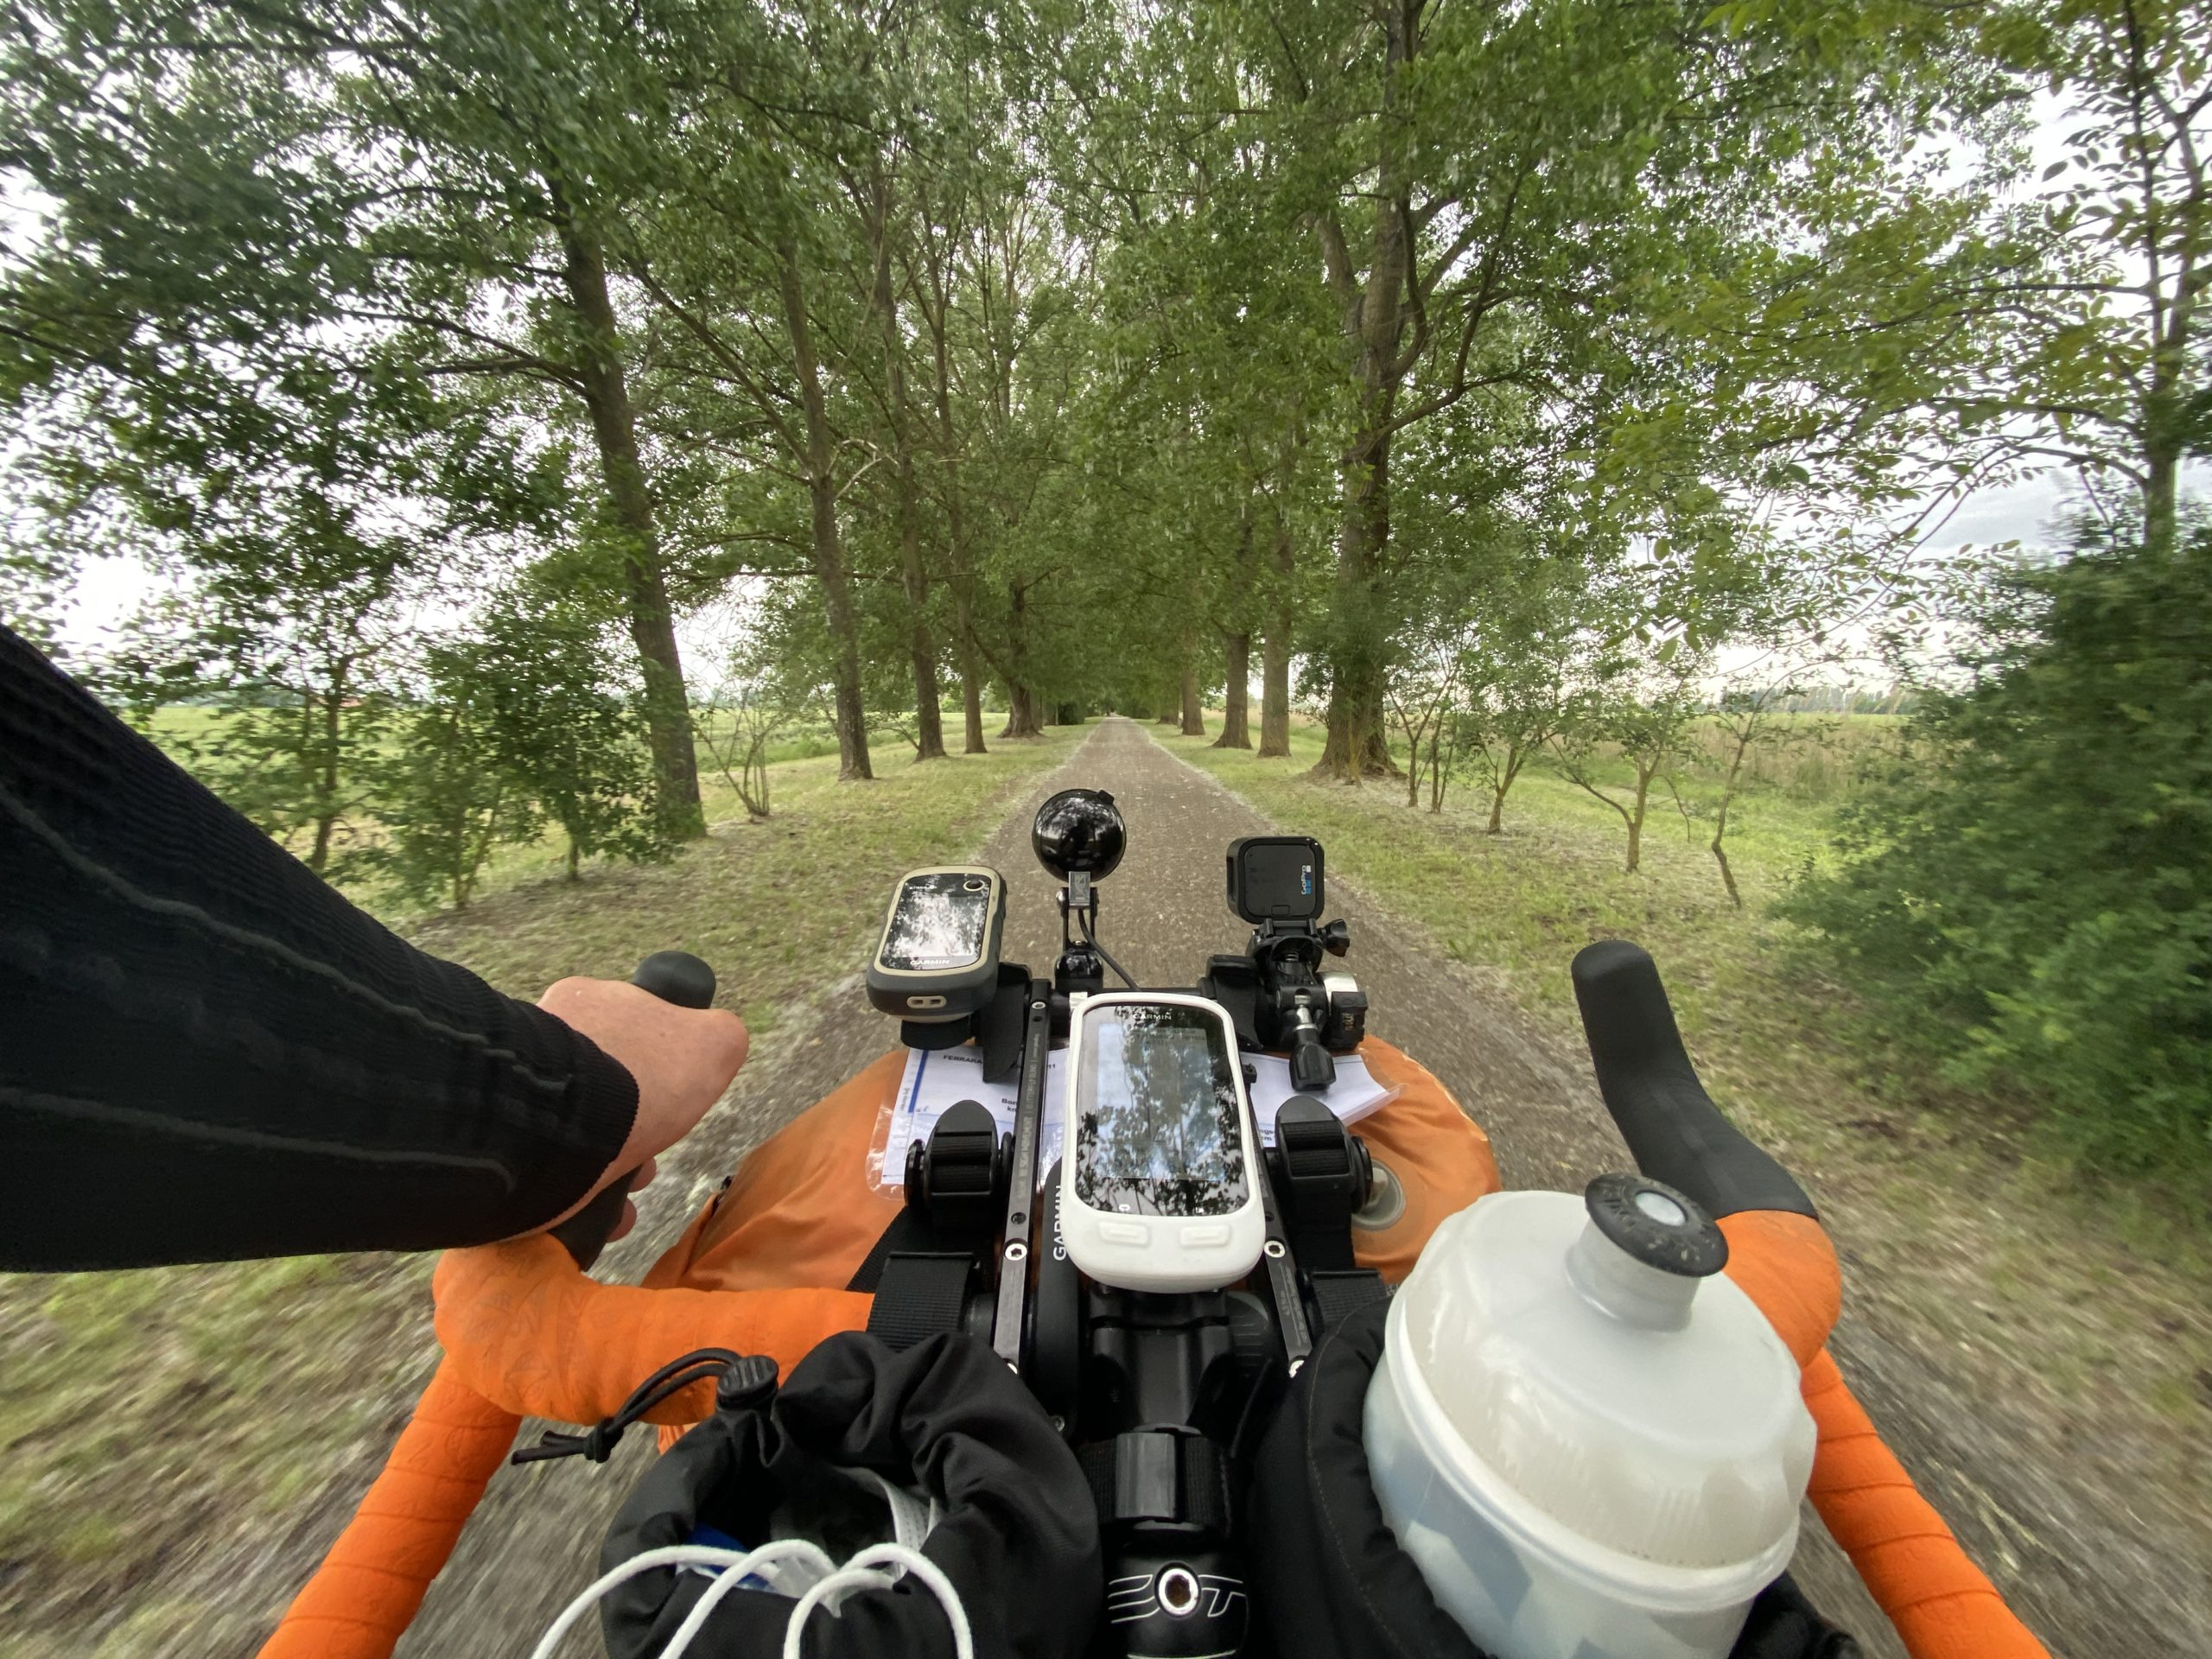 la lunga via dei fiumi, viaggiatore lento, viaggiare in bici, verona in bicicletta, ciclabile dell'adige, ciclovia del sole, eurovelo 7, ciclovia del Po, vacanze sul po in bici, lago di garda in bici, viaggiare in bicicletta, vacanze in bicicletta, bikepacking, il veneto,